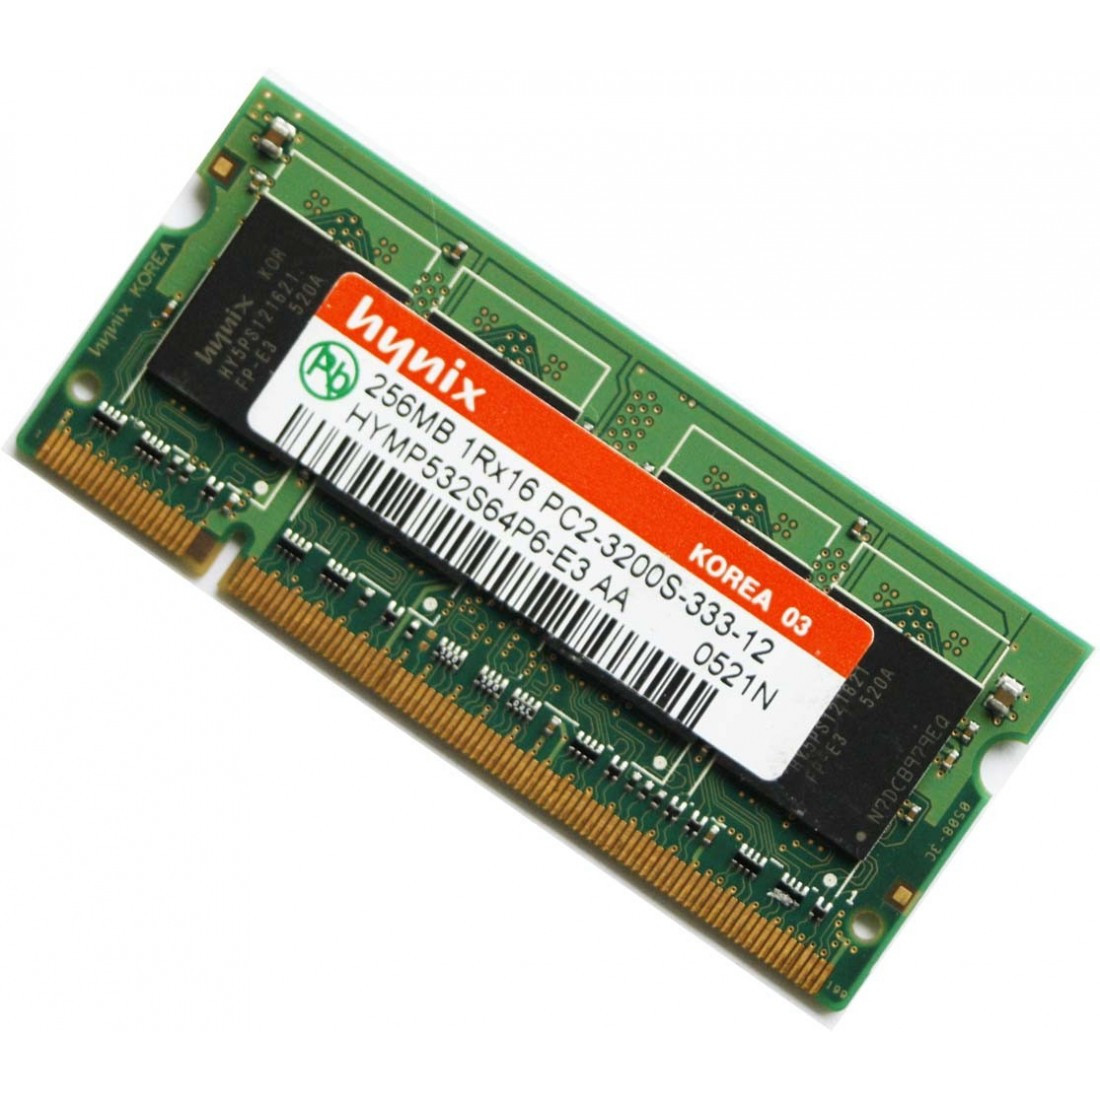 Память DDR2 256Mb SO-DIMM PC2-3200S 400MHz ОЗУ для ноутбука (нетбука)